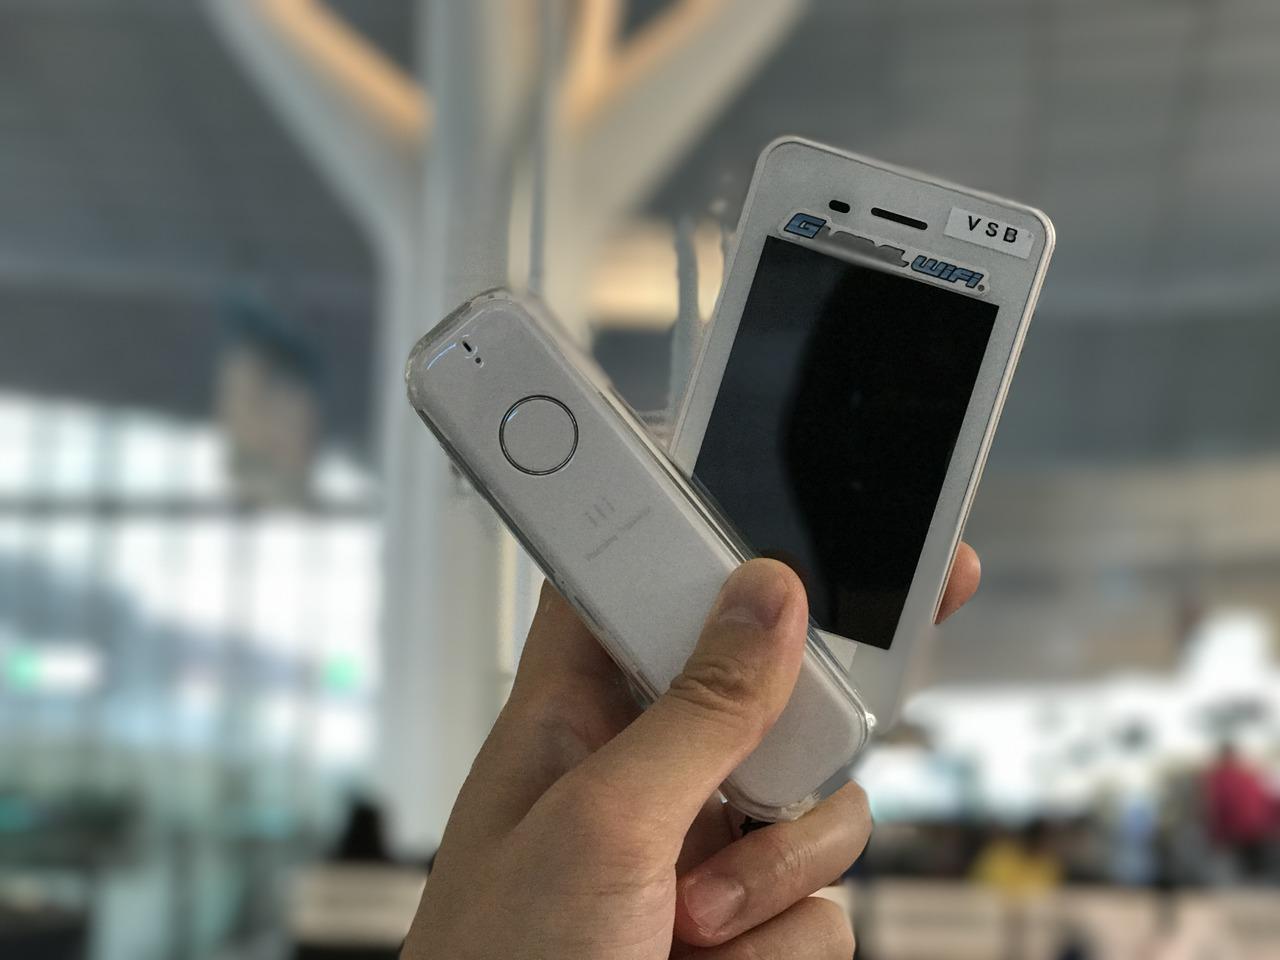 iliとグローバルWi-Fiを羽田空港でレンタル